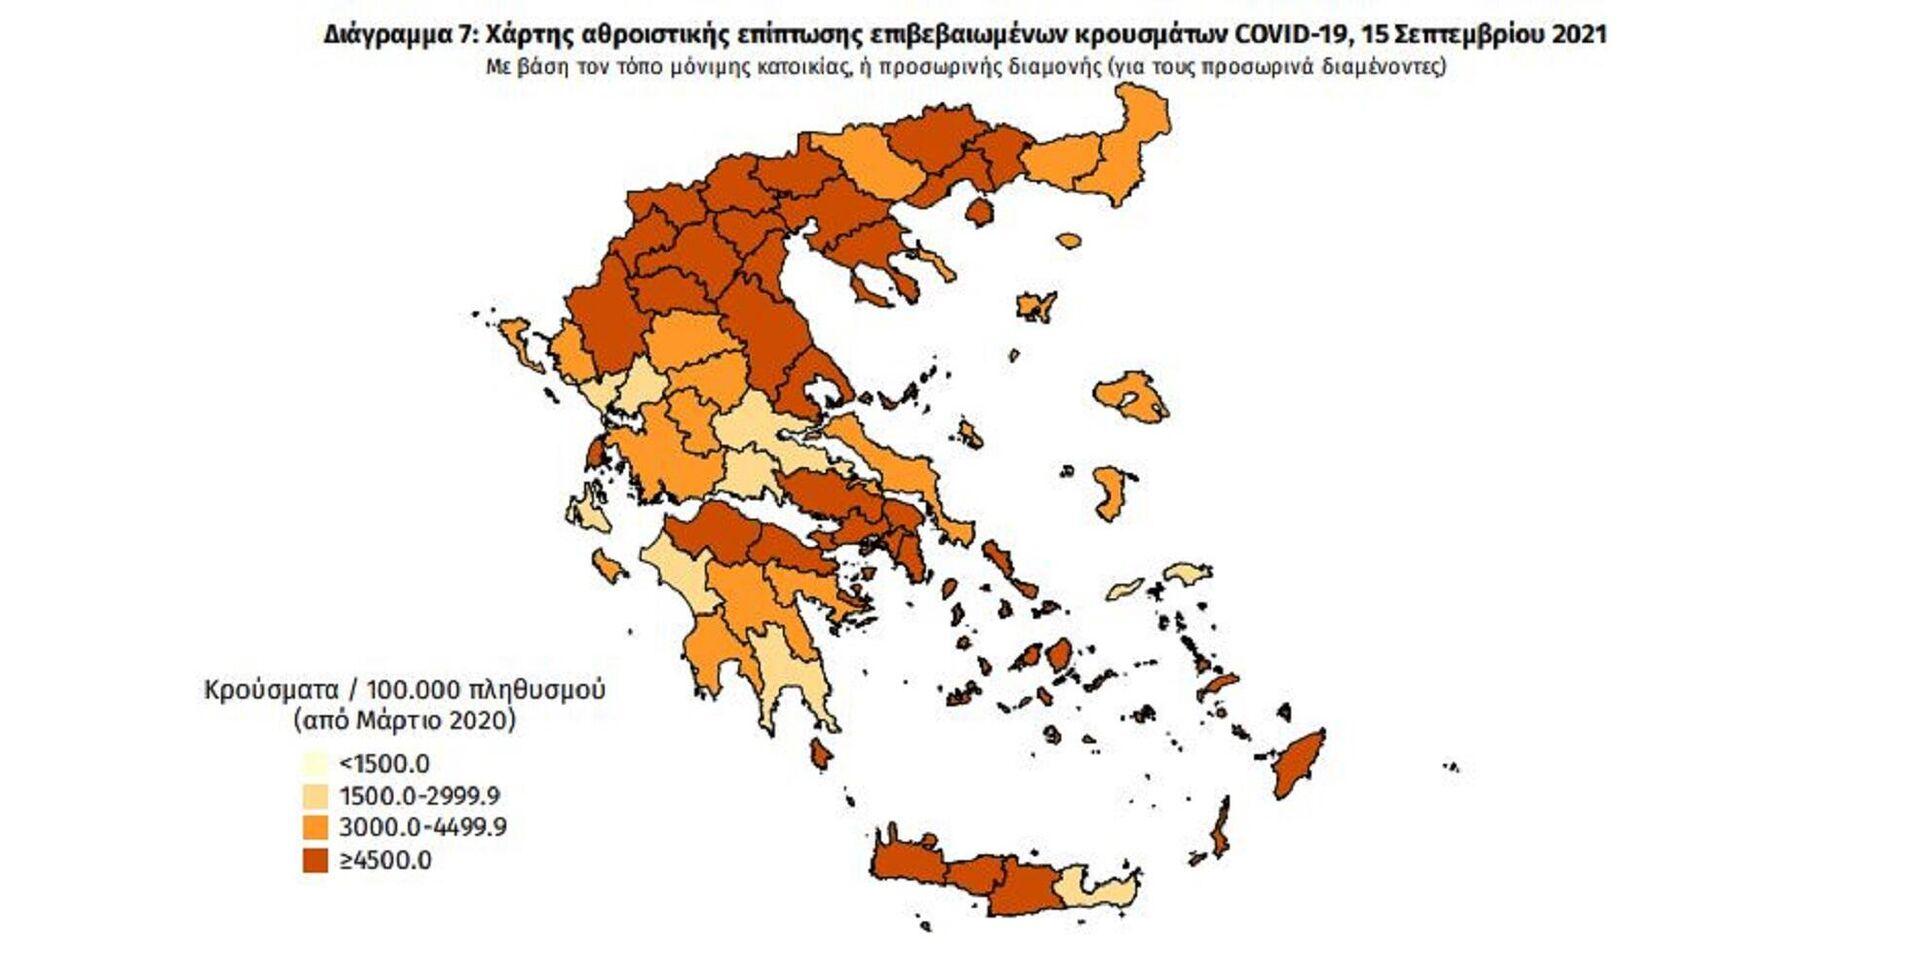 Χάρτης αθροιστικής επίπτωσης επιβεβαιωμένων κρουσμάτων COVID-19, 15 Σεπτεμβρίου 2021 - Sputnik Ελλάδα, 1920, 15.09.2021